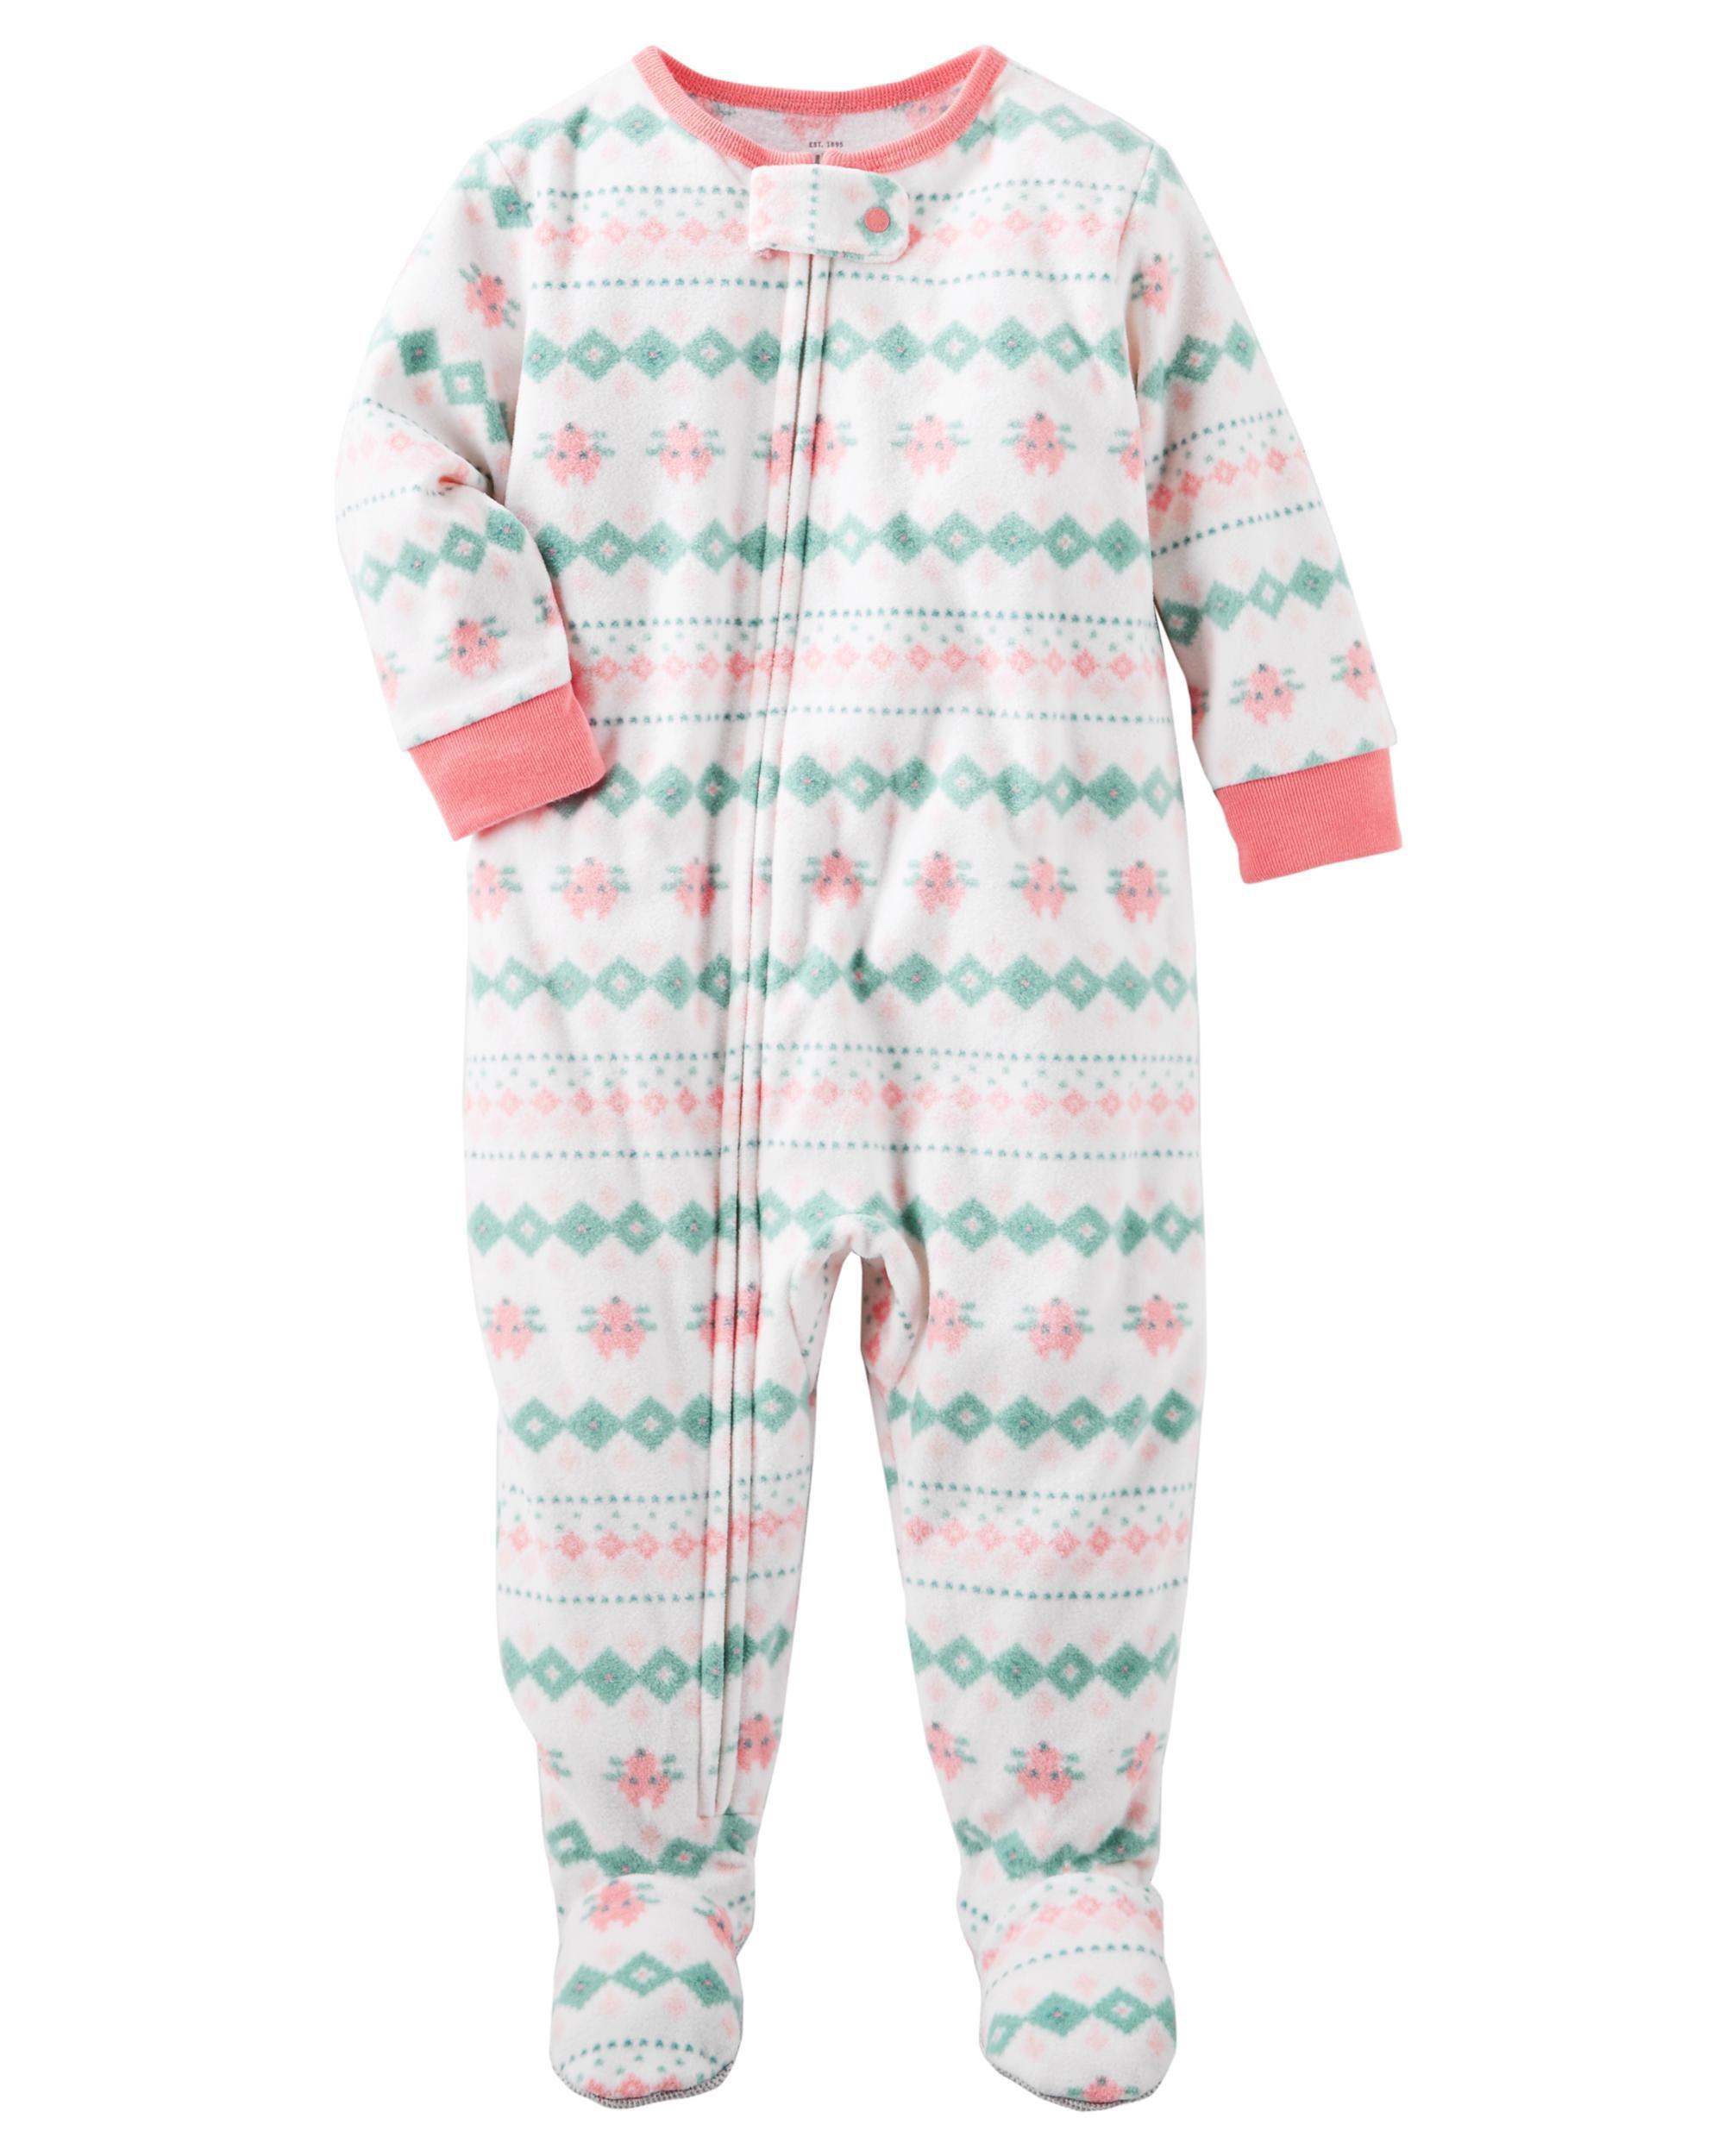 one sleepers com sleeper pin adult footie pajamas penguins jumpinjammerz footed piece pjs hooded onesies